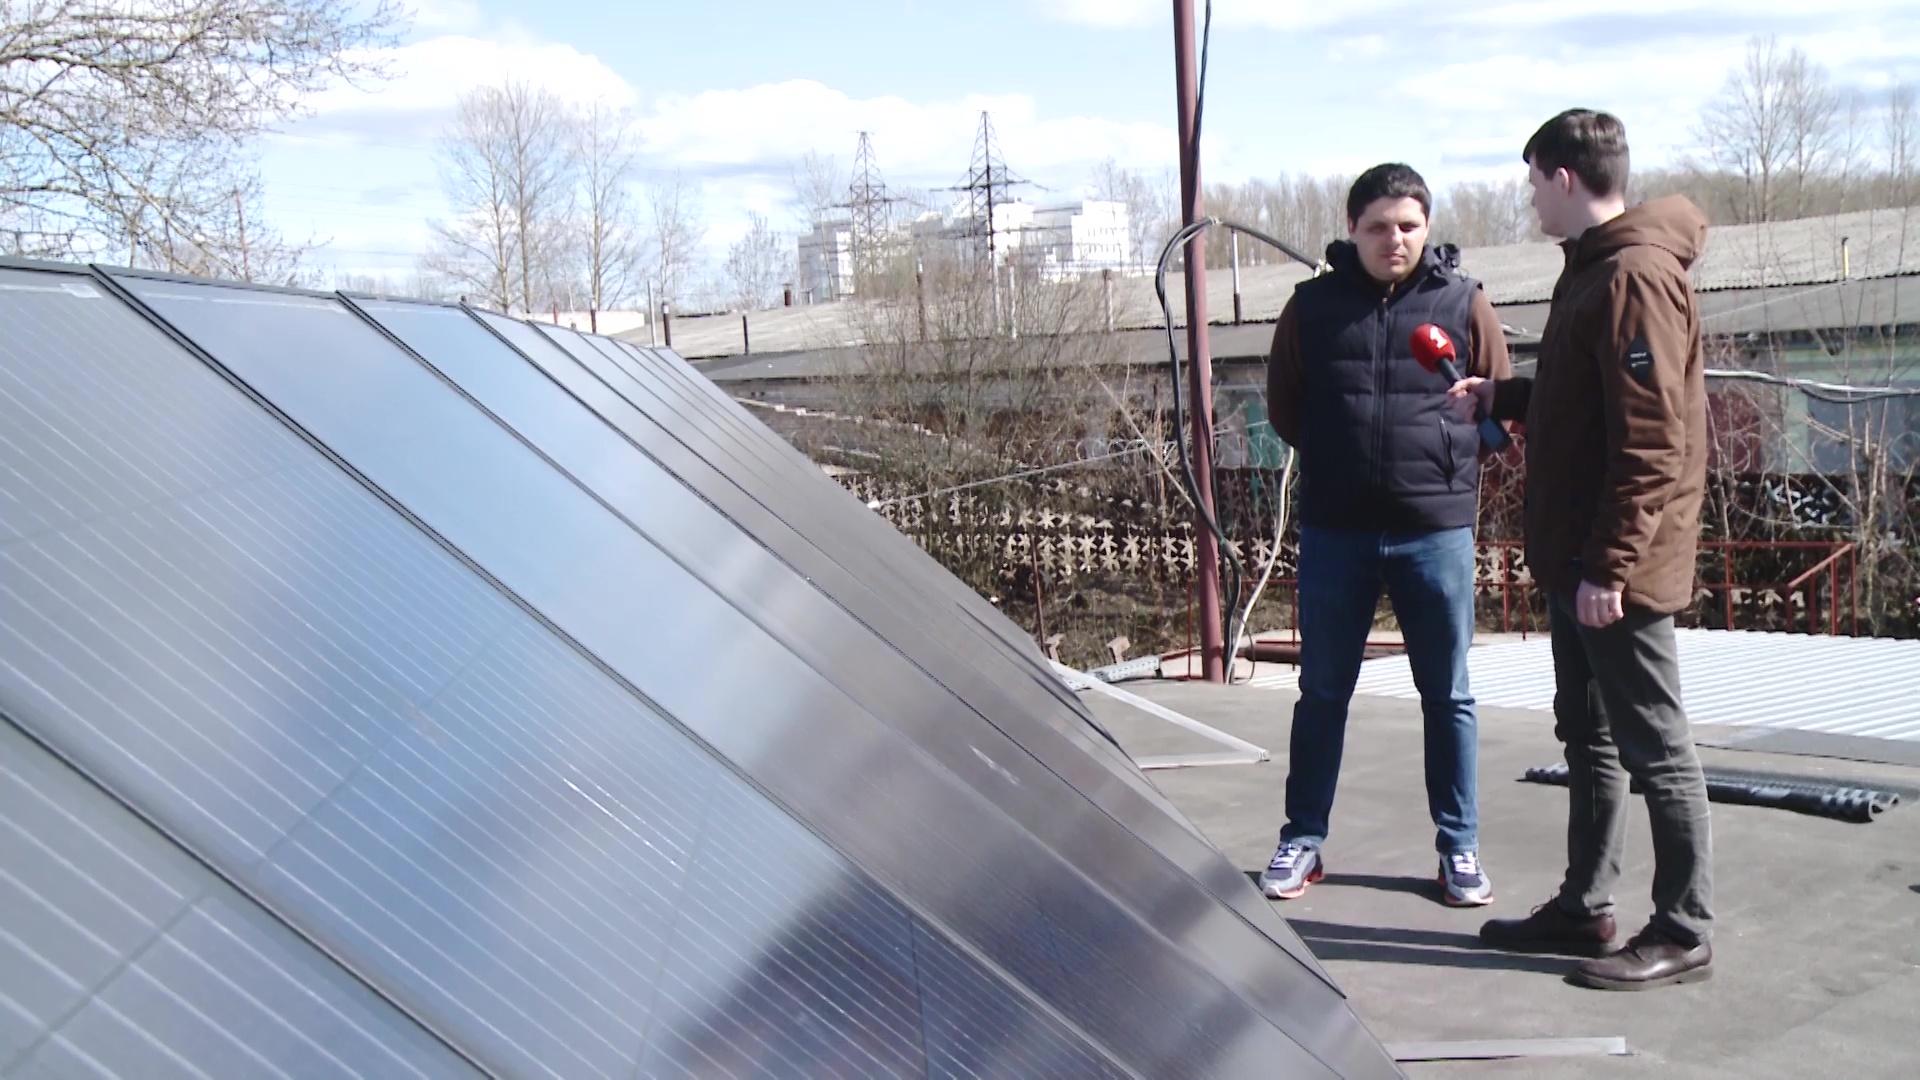 Ярославский экспериментатор проверил, насколько экономно использовать солнечные батареи